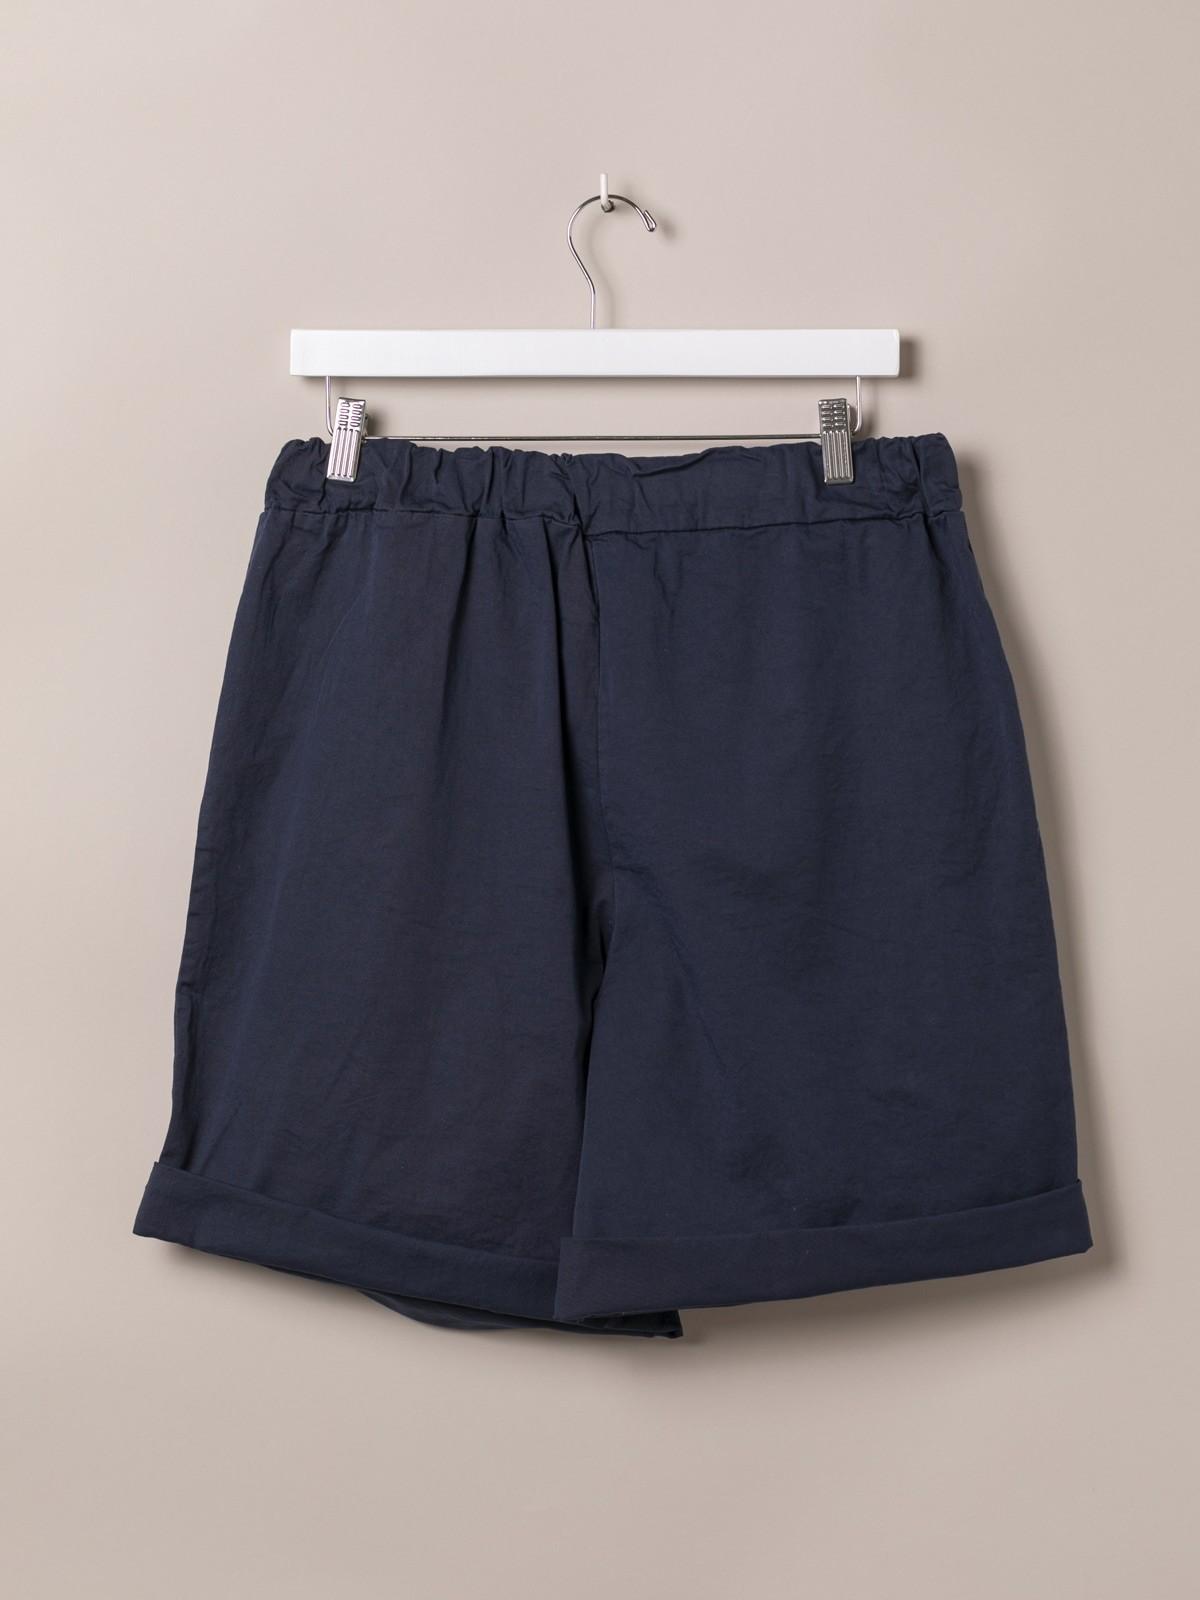 Bermuda mujer básica goma en cintura Azul Marino